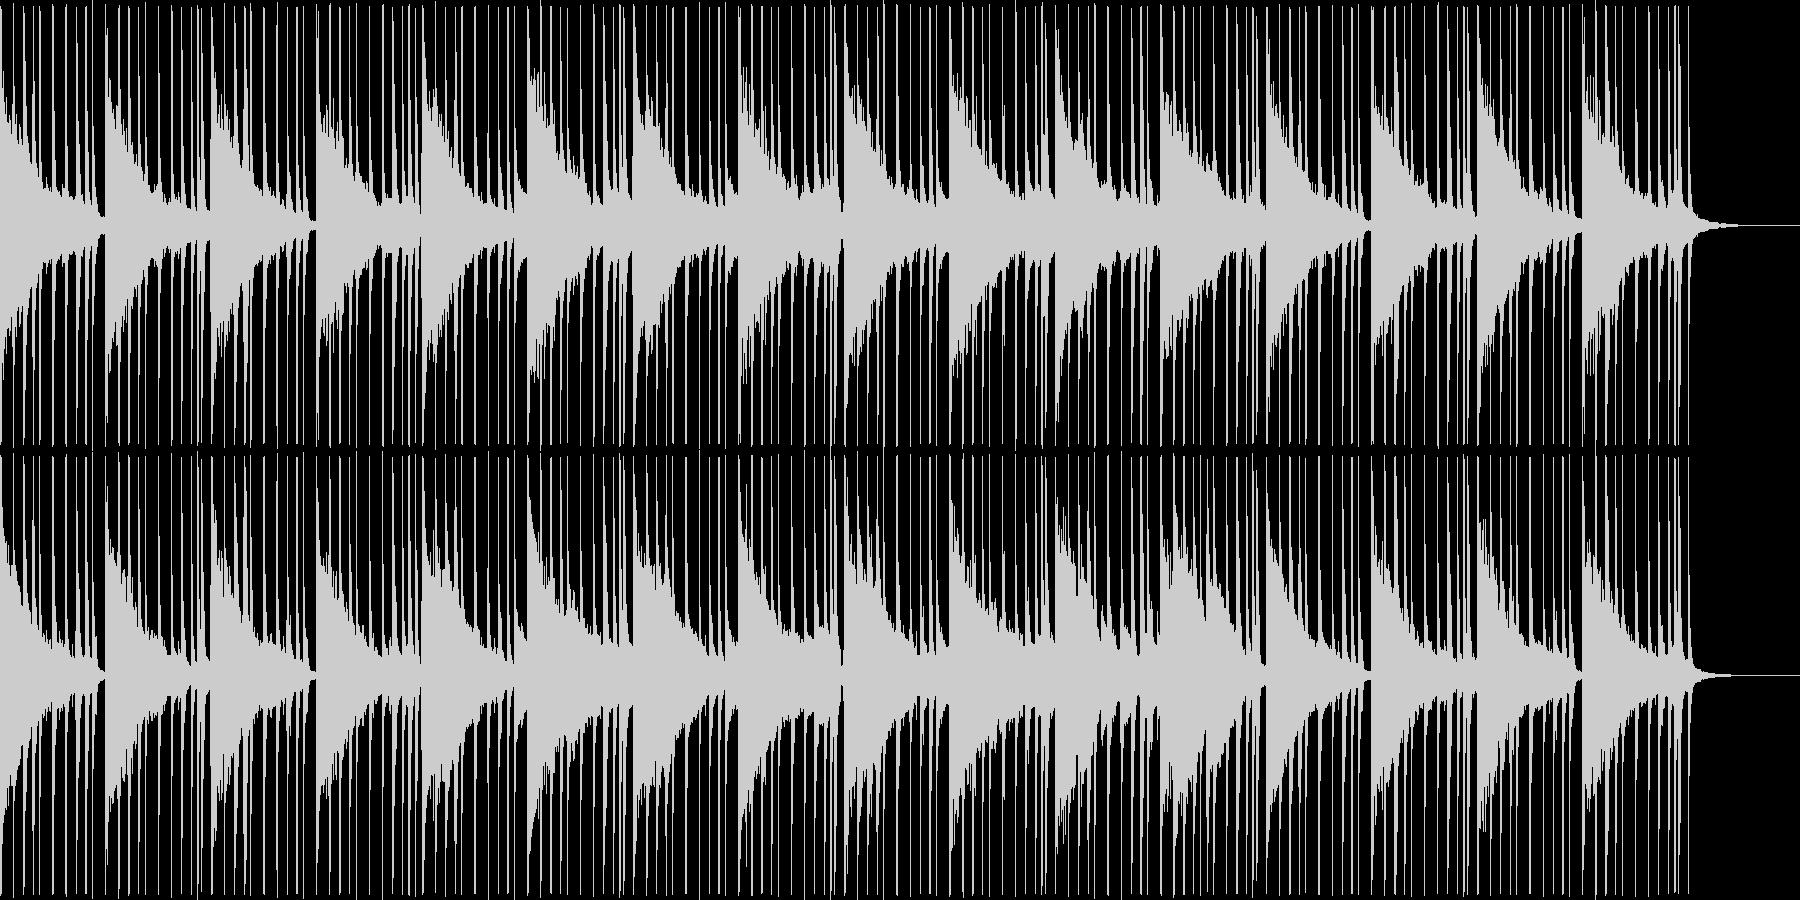 ジャズ風のお洒落なアンビエントの未再生の波形